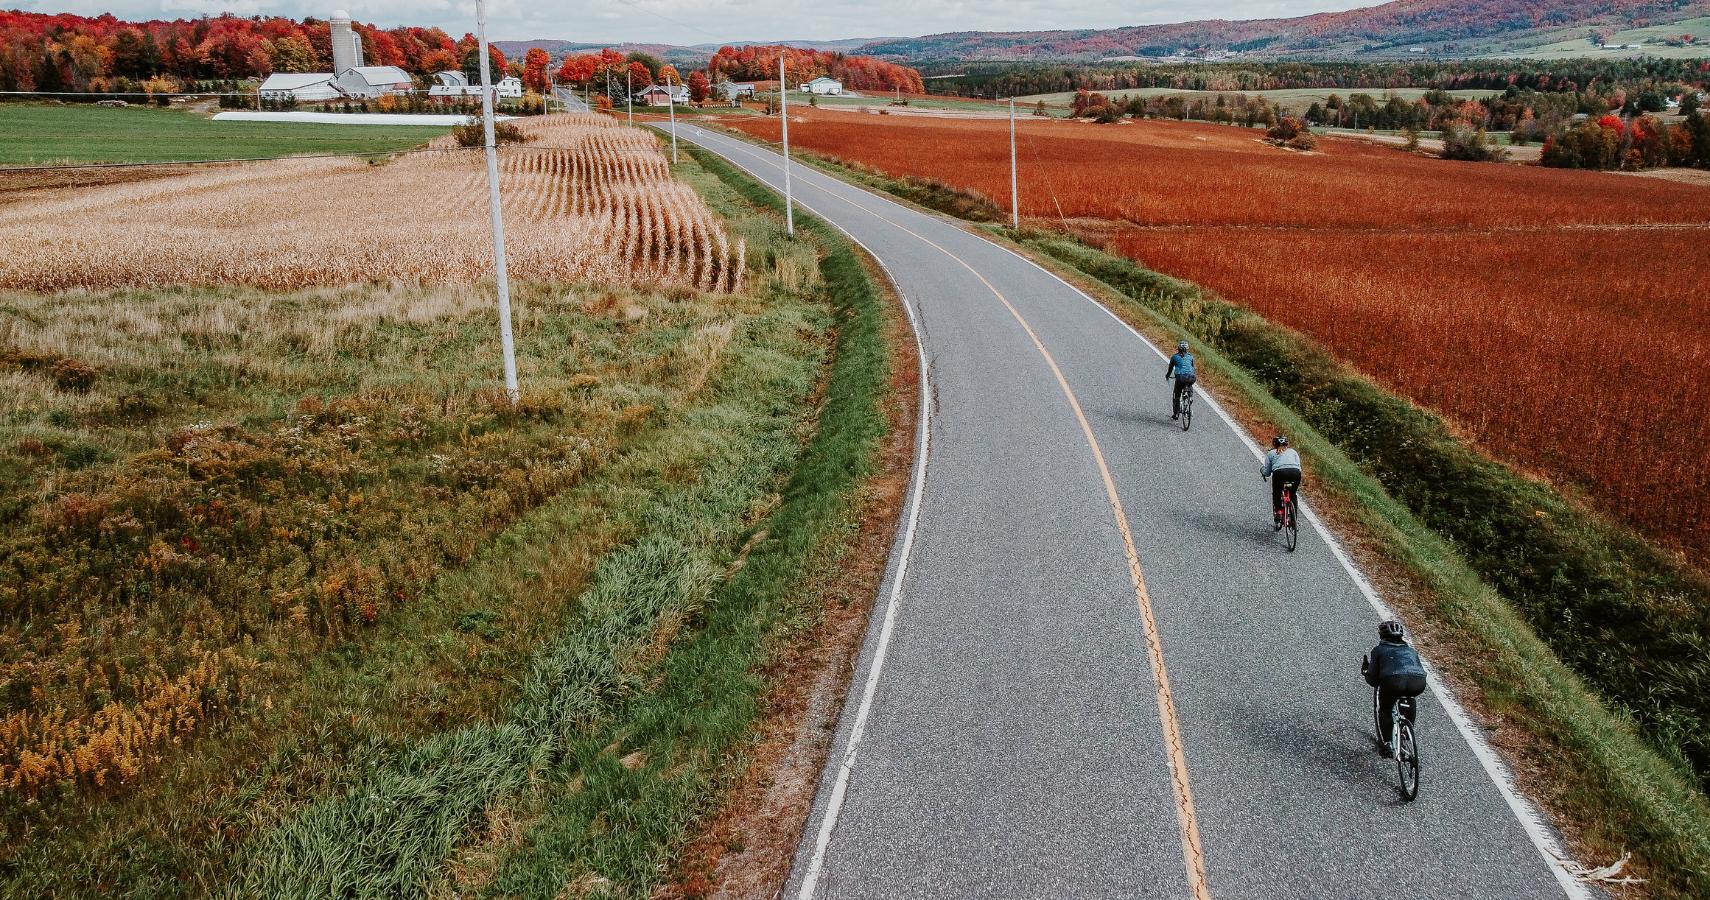 Voici à quoi ressemble l'itinéraire vélo de la Route des Érables quand les couleurs s'enflamment - Crédit photo: Les Maximes